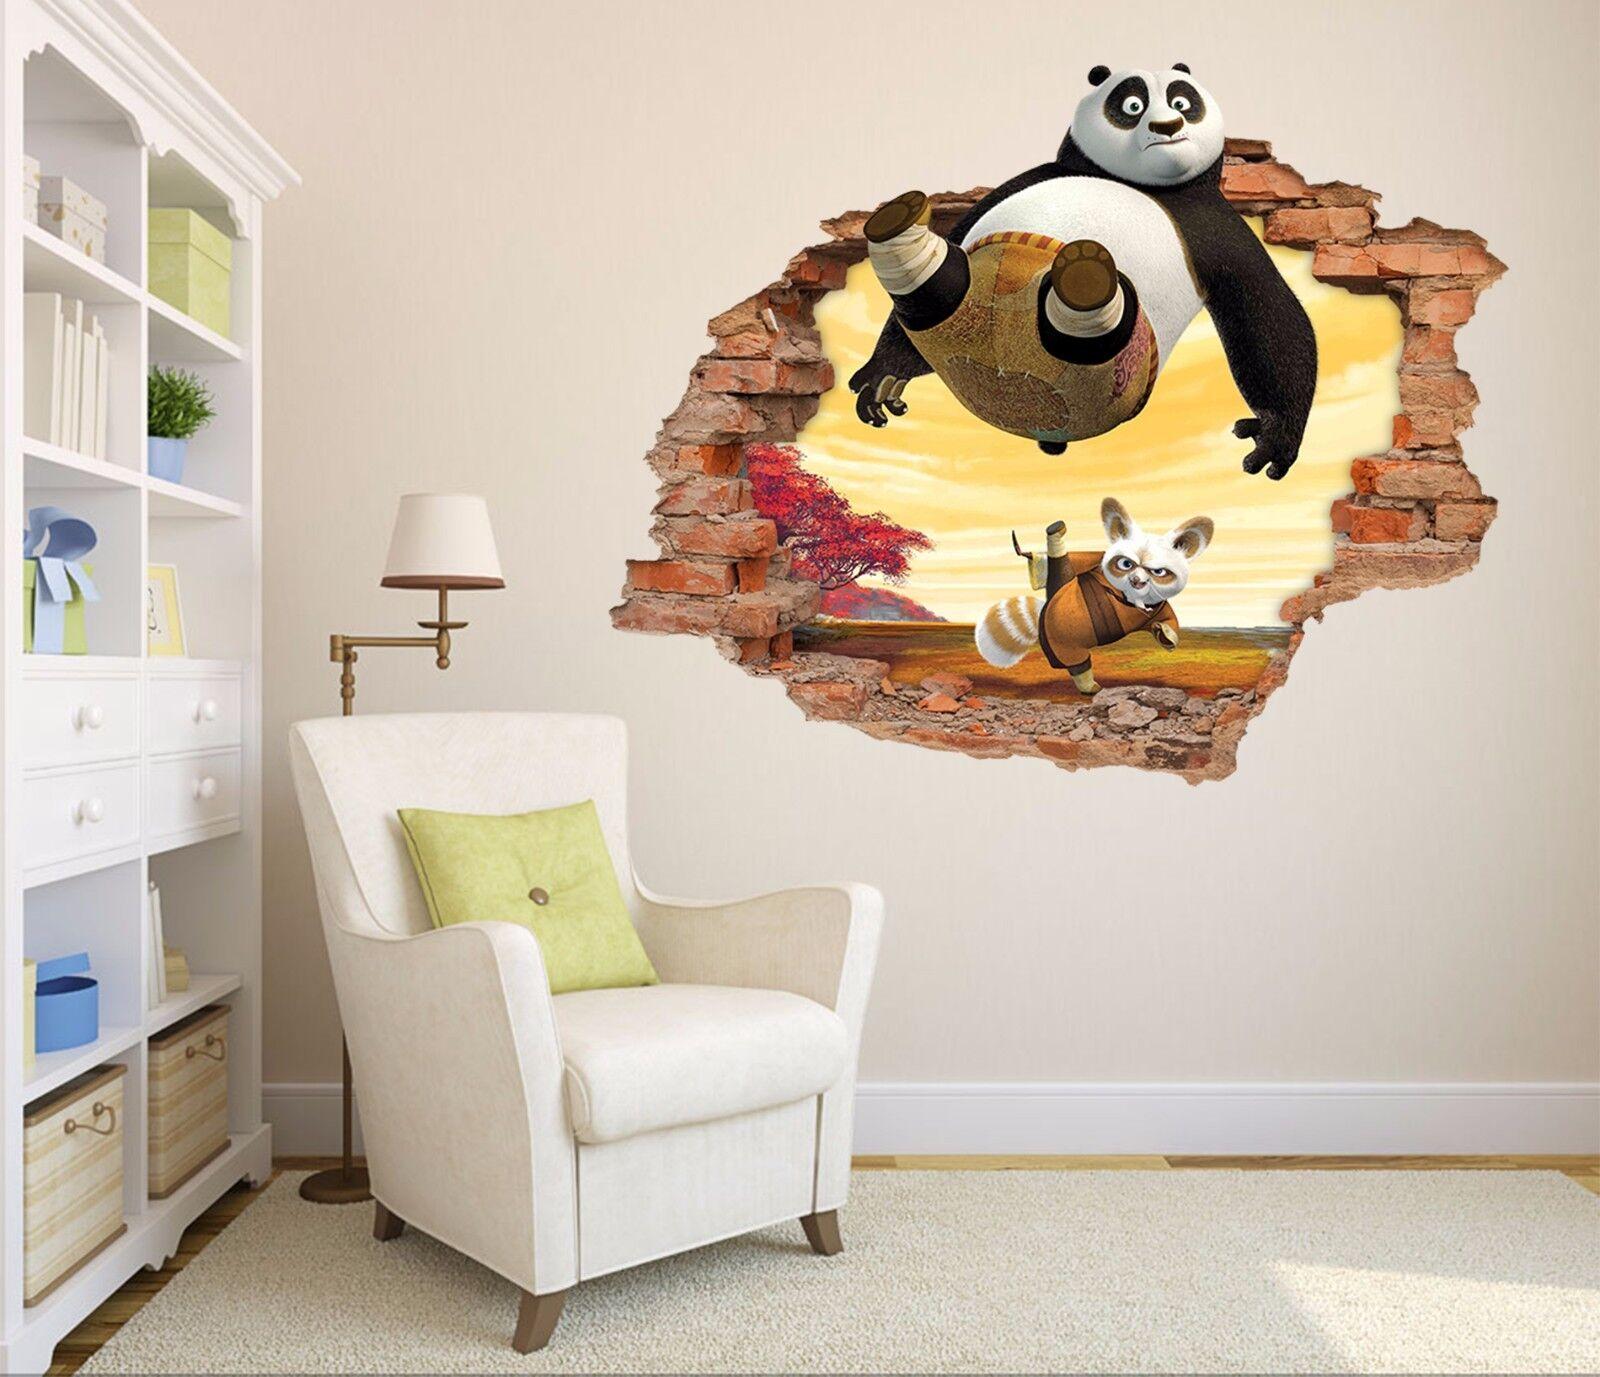 3D Pandamaster 722 Mauer Murals Mauer Aufklebe Decal Durchbruch AJ WALL DE Kyra